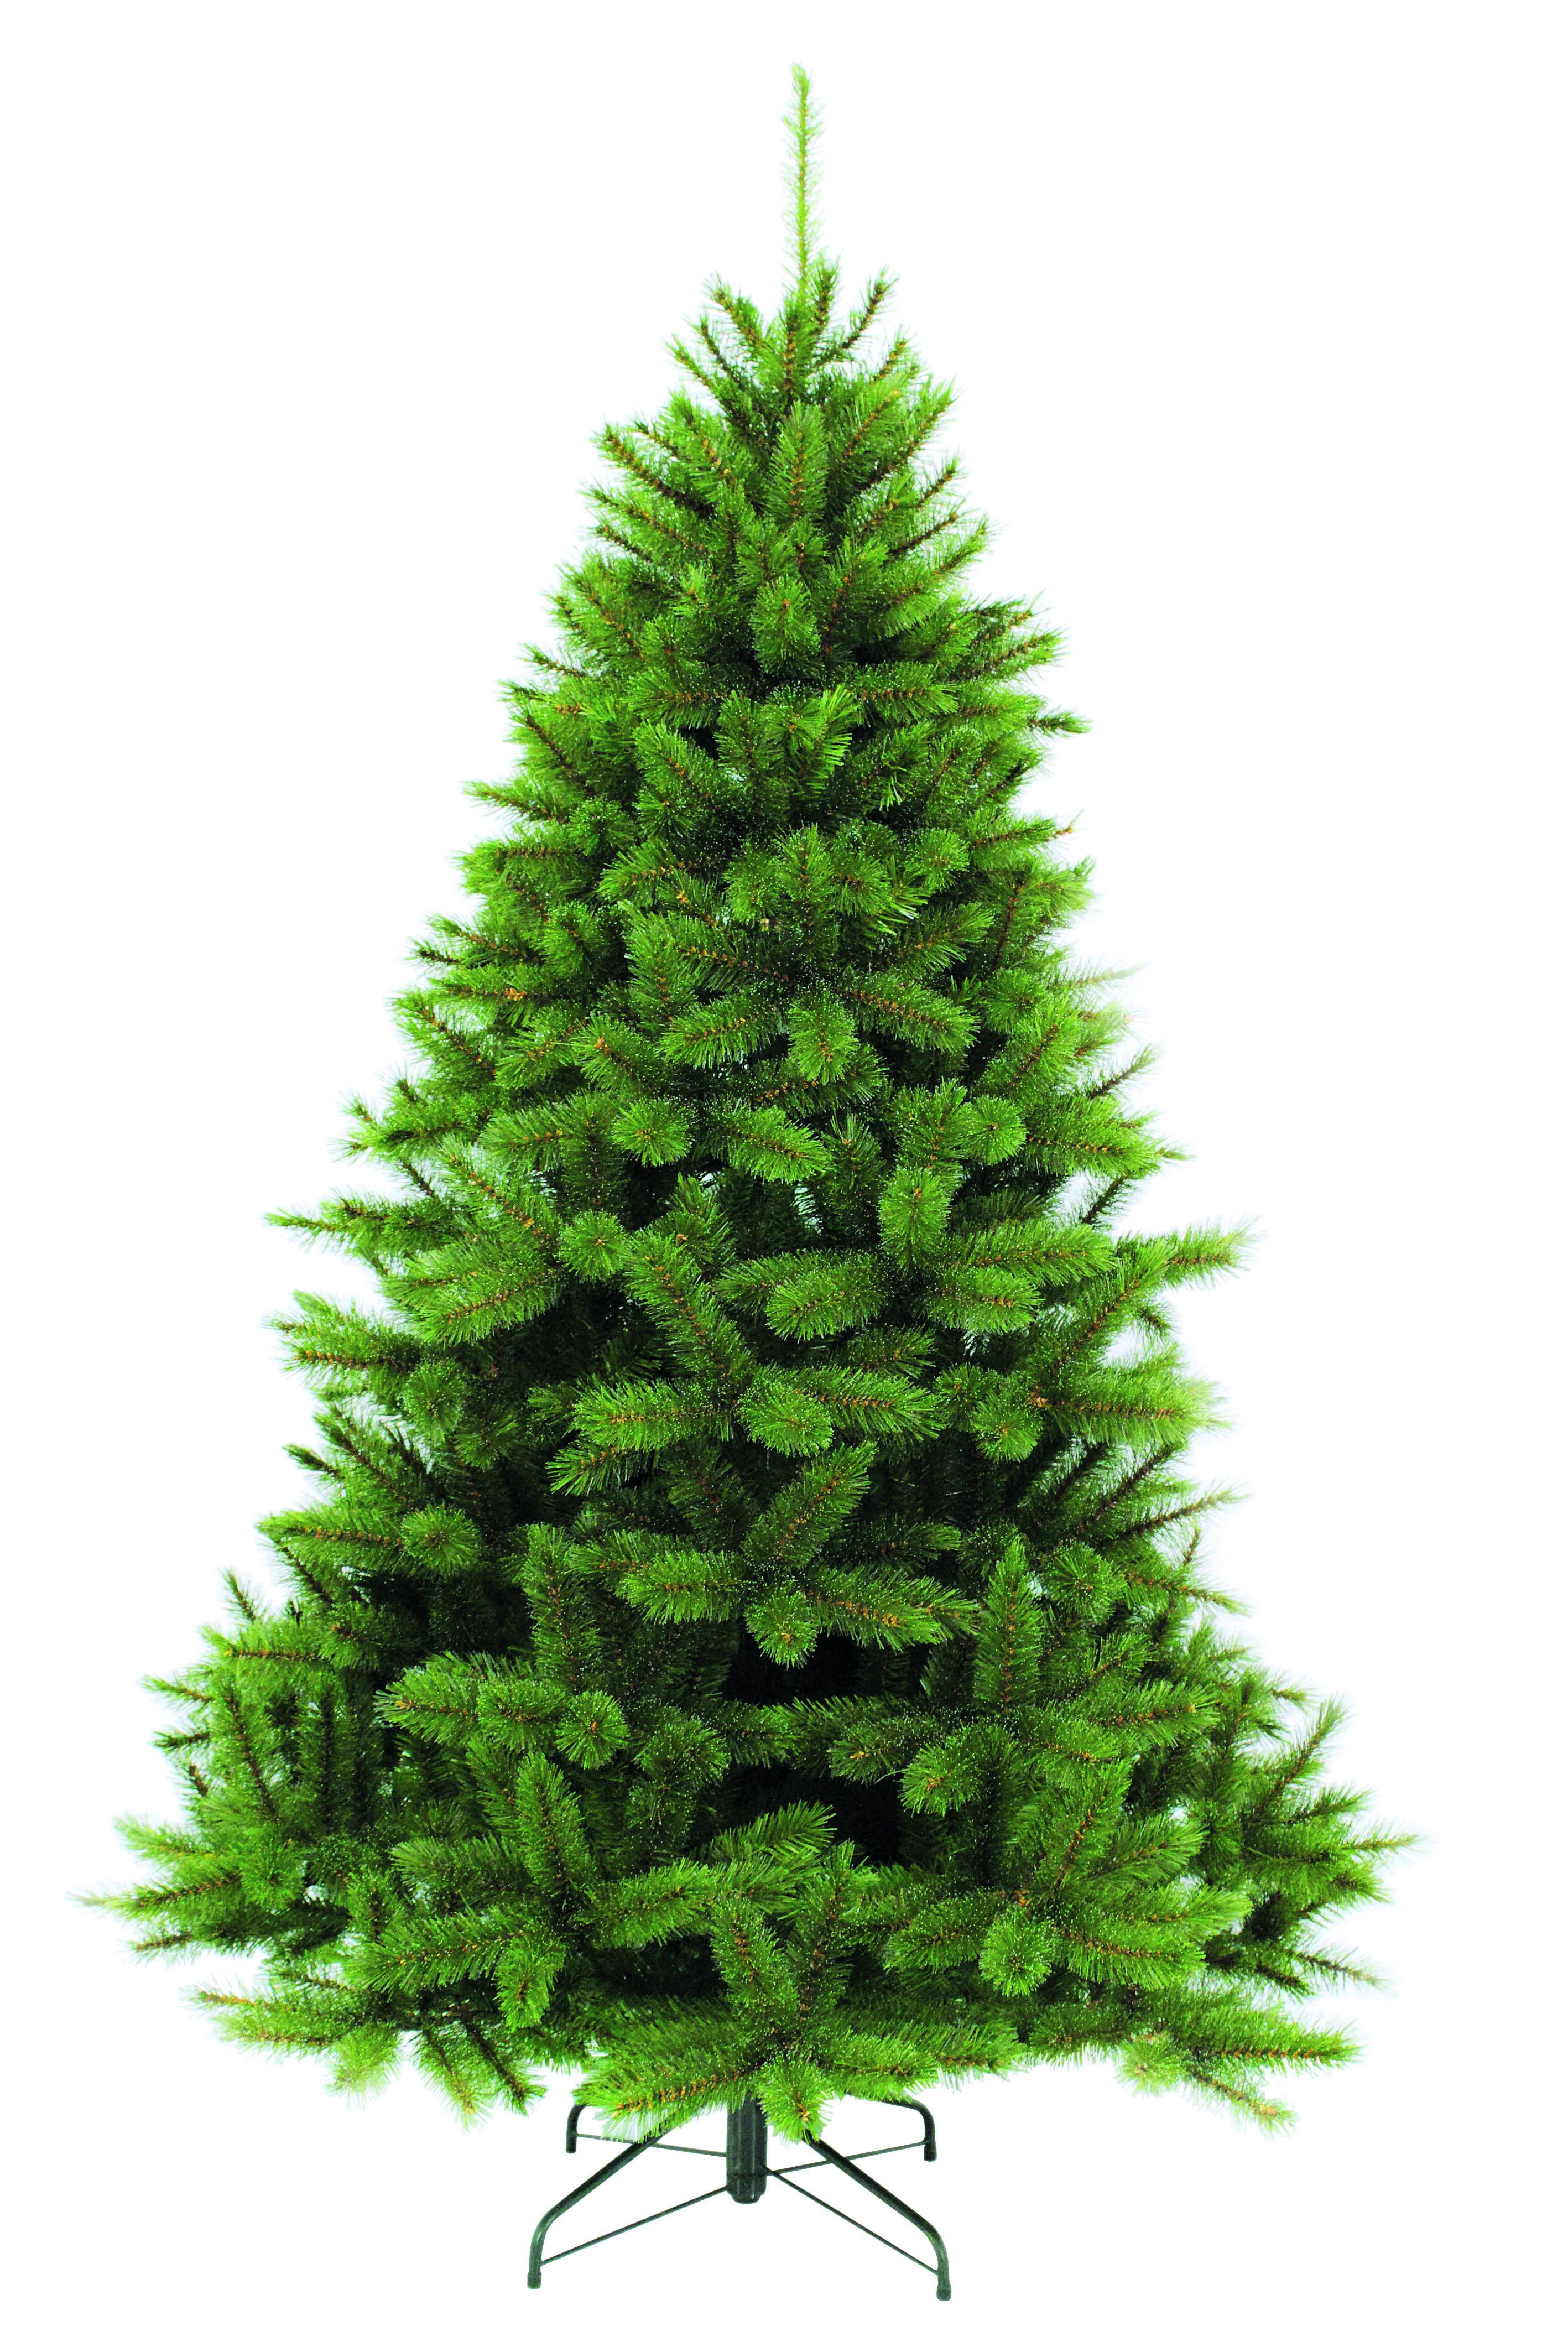 Пихта искусственная Triumph Tree  Прелестная , цвет: зеленый, высота 120 см - Елки